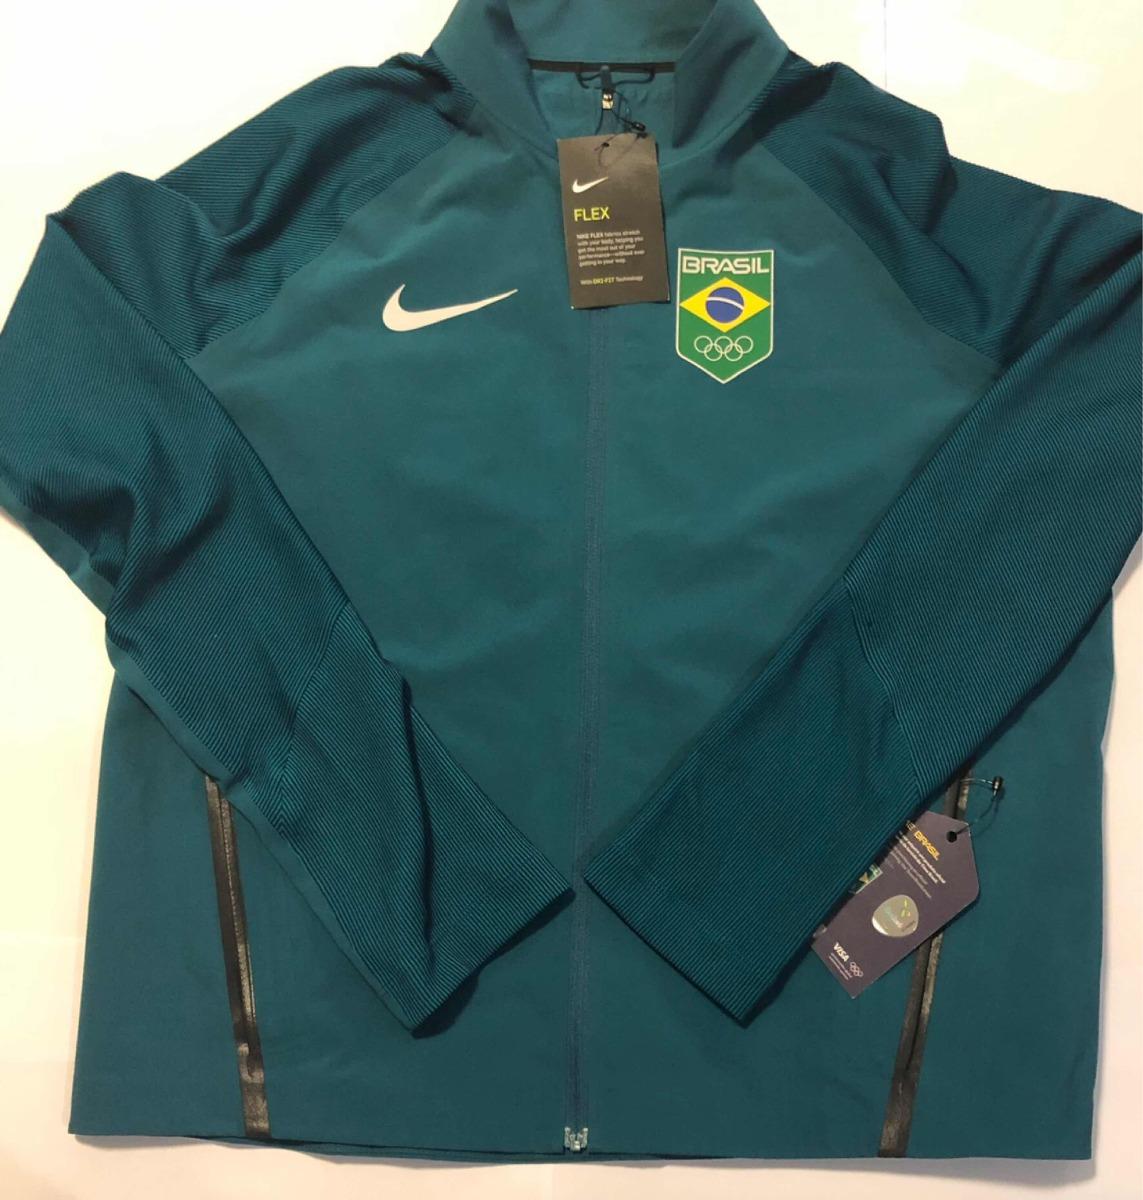 064b1230ce7b2 Jaqueta Nike - Time Brasil Olimpíadas Rio 2016- Feminina L - R  399 ...